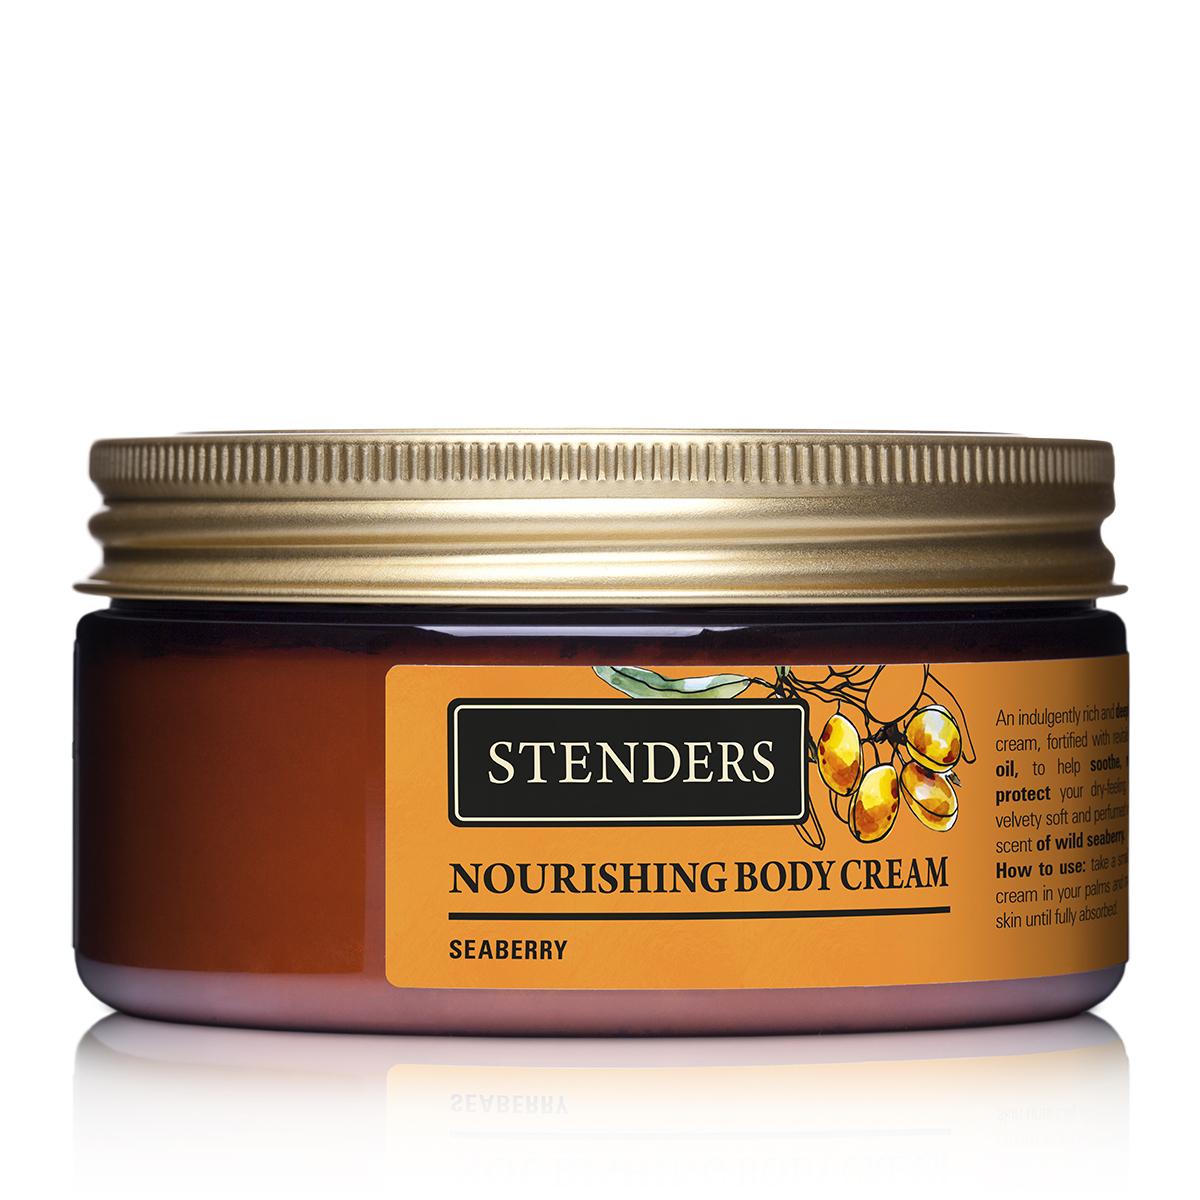 Stenders Крем для тела Облепиха, 200 мл8809435402234Этот питательный крем с роскошной консистенцией, состав которого дополнен облепиховым маслом, поможет успокоить, защитить и восстановить необходимый уровень влажности, препятствуя возникновению ощущения сухости, делая кожу бархатистой и придавая ей освежающий аромат облепихи.